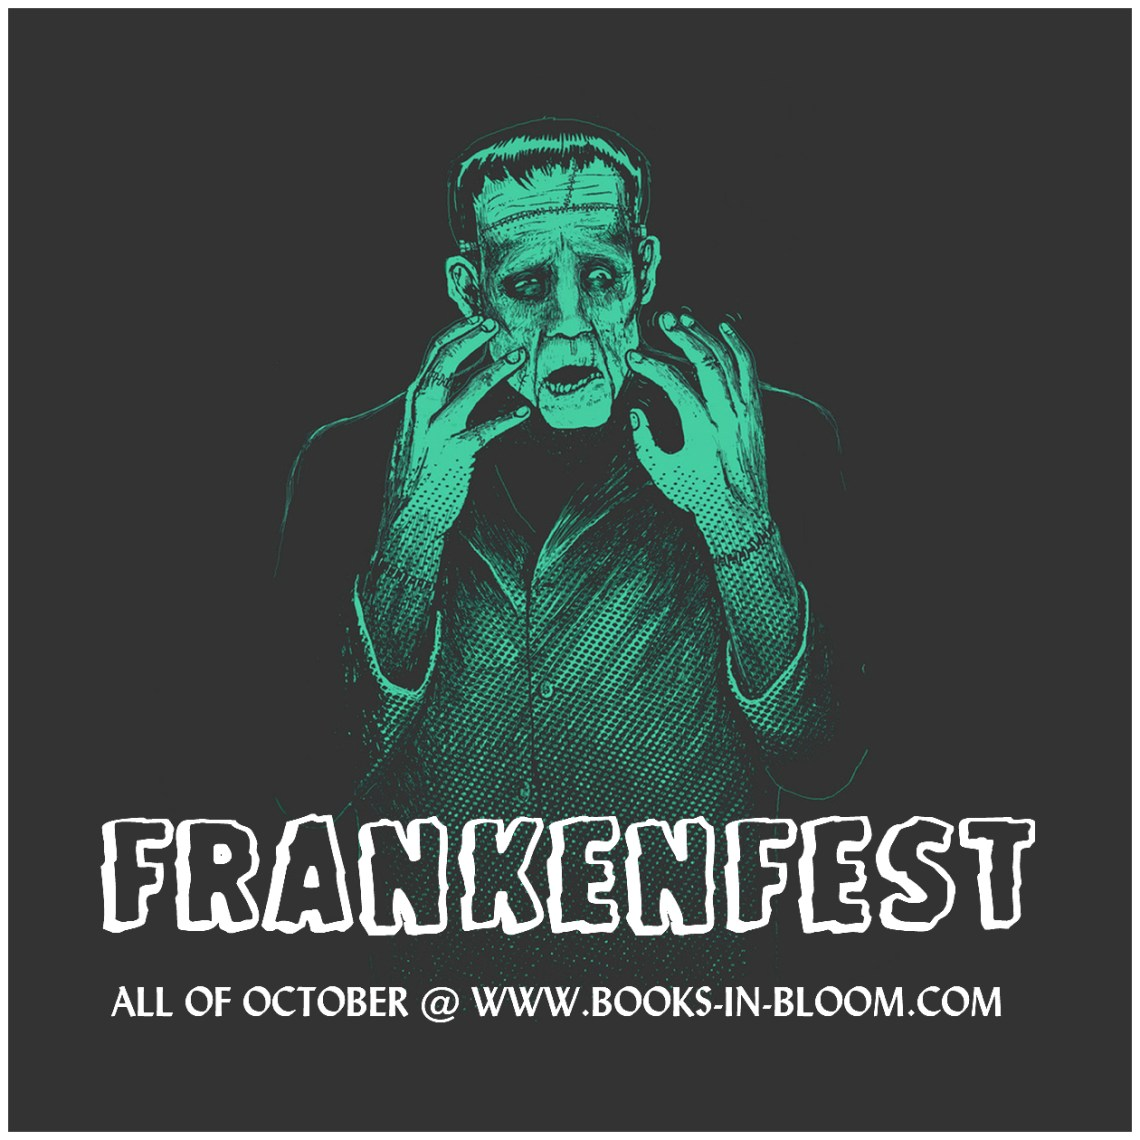 Frankenfest!!!